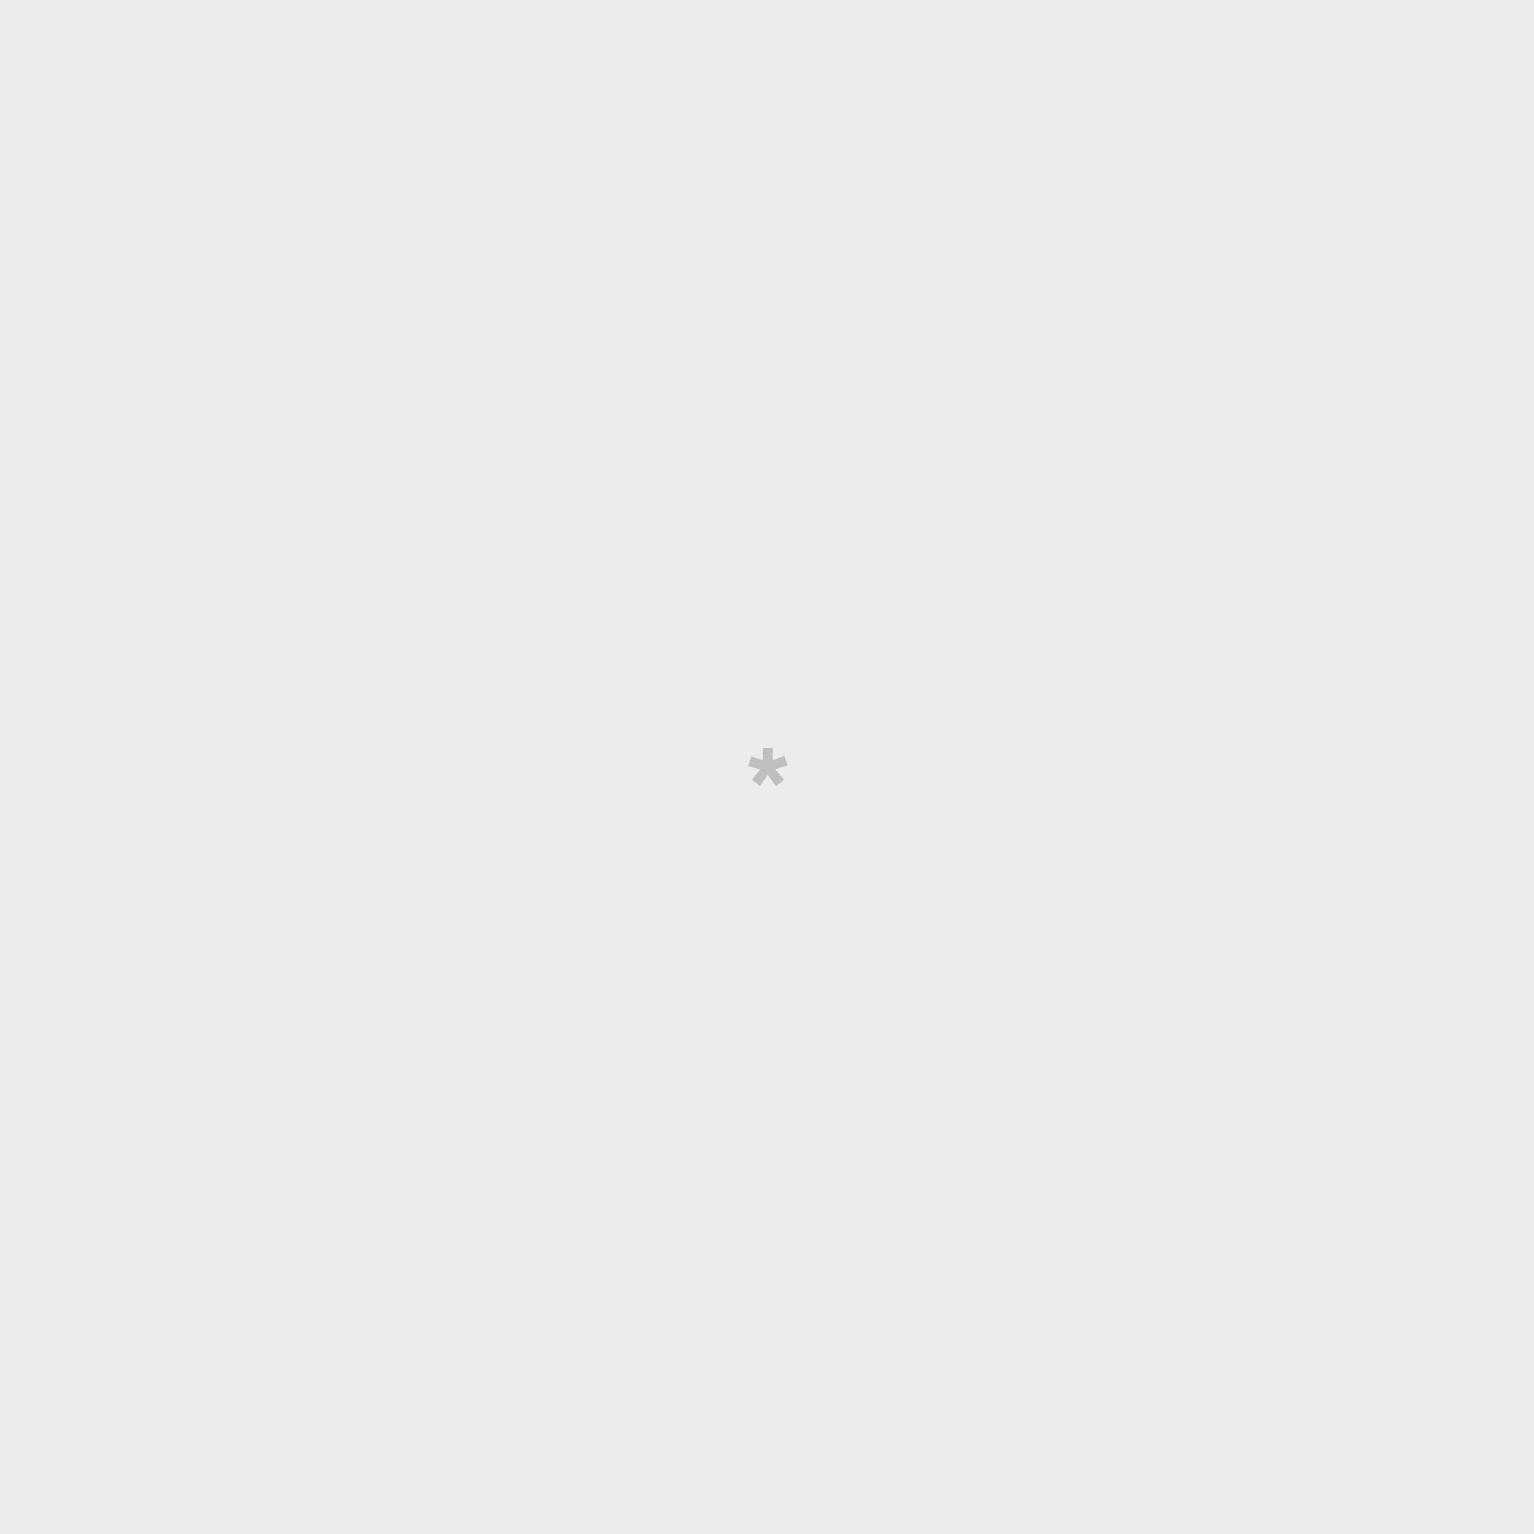 Extras para personalizar tu mochila o lo que tú quieras - Selfie fan